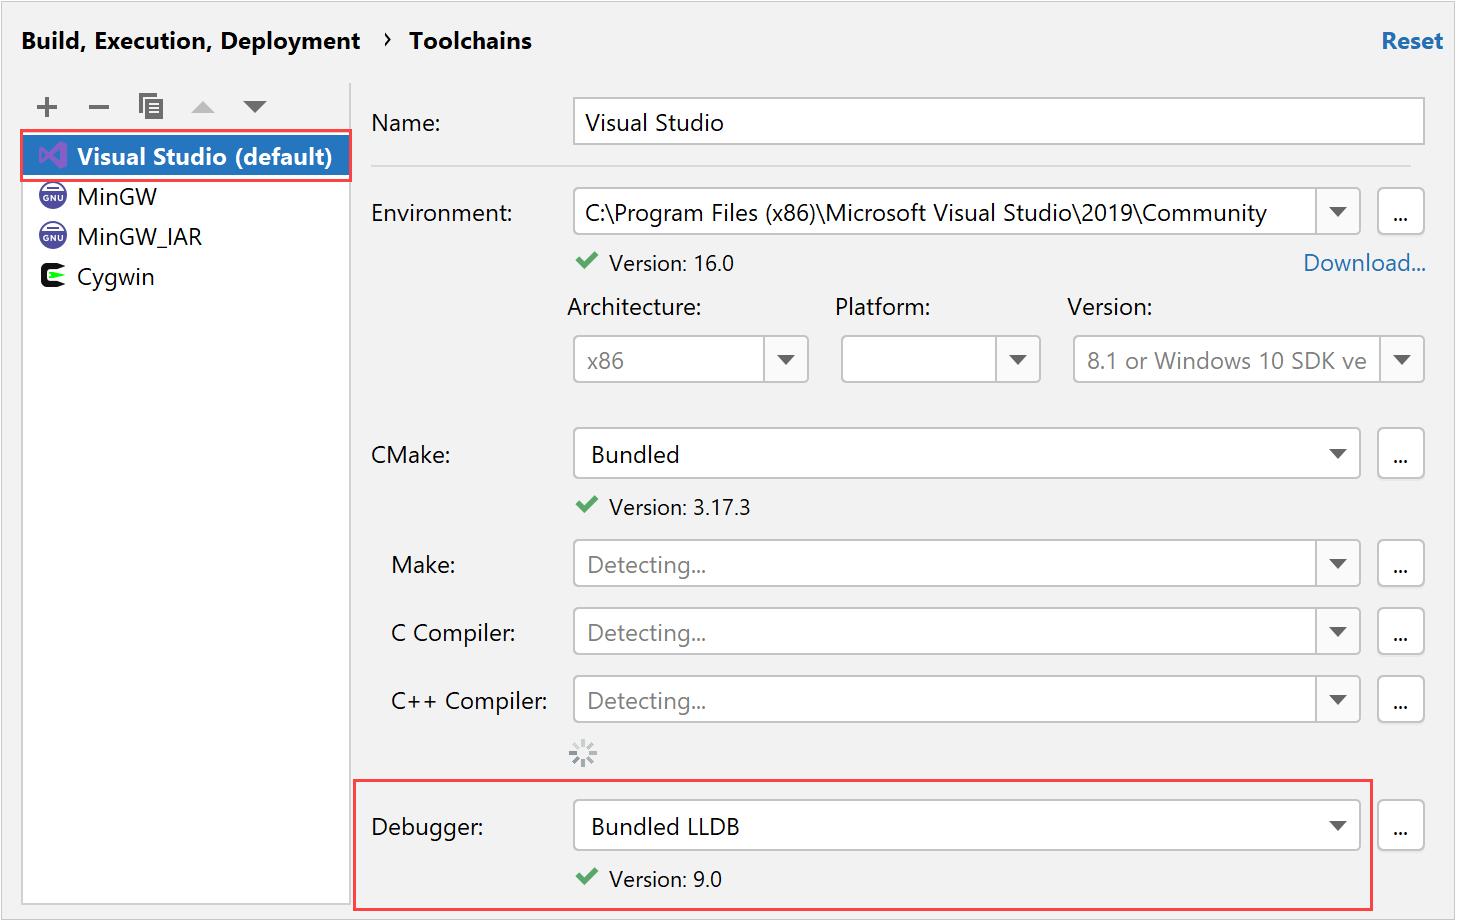 Visual Studio toolchain in CLion